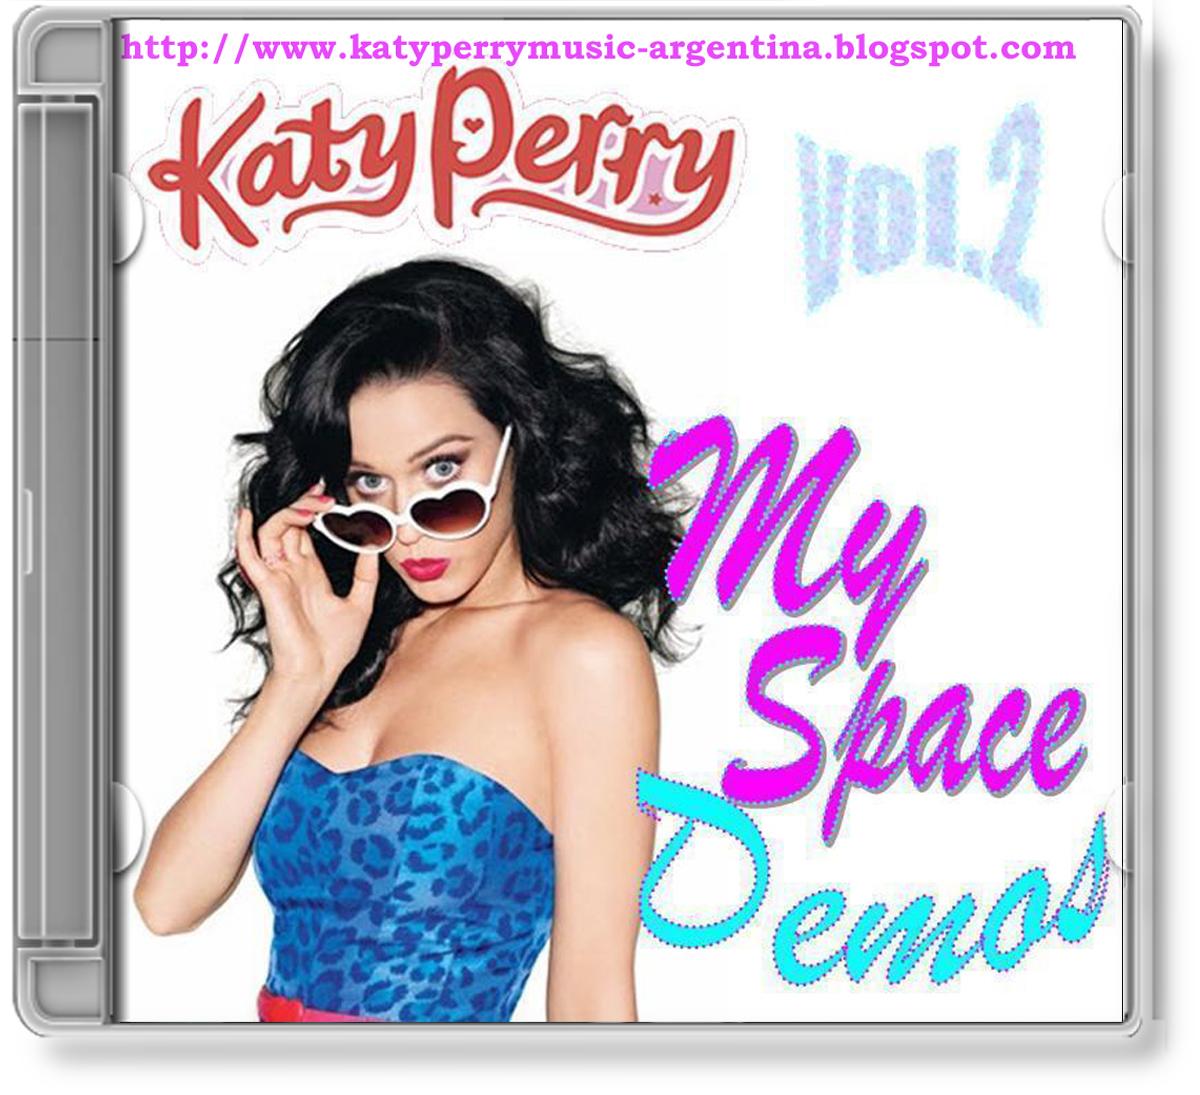 http://3.bp.blogspot.com/_mi1dvg0RzGg/TULEEO_45OI/AAAAAAAAAAw/iCY5UeAQDlk/s1600/Katy+Perry.jpg